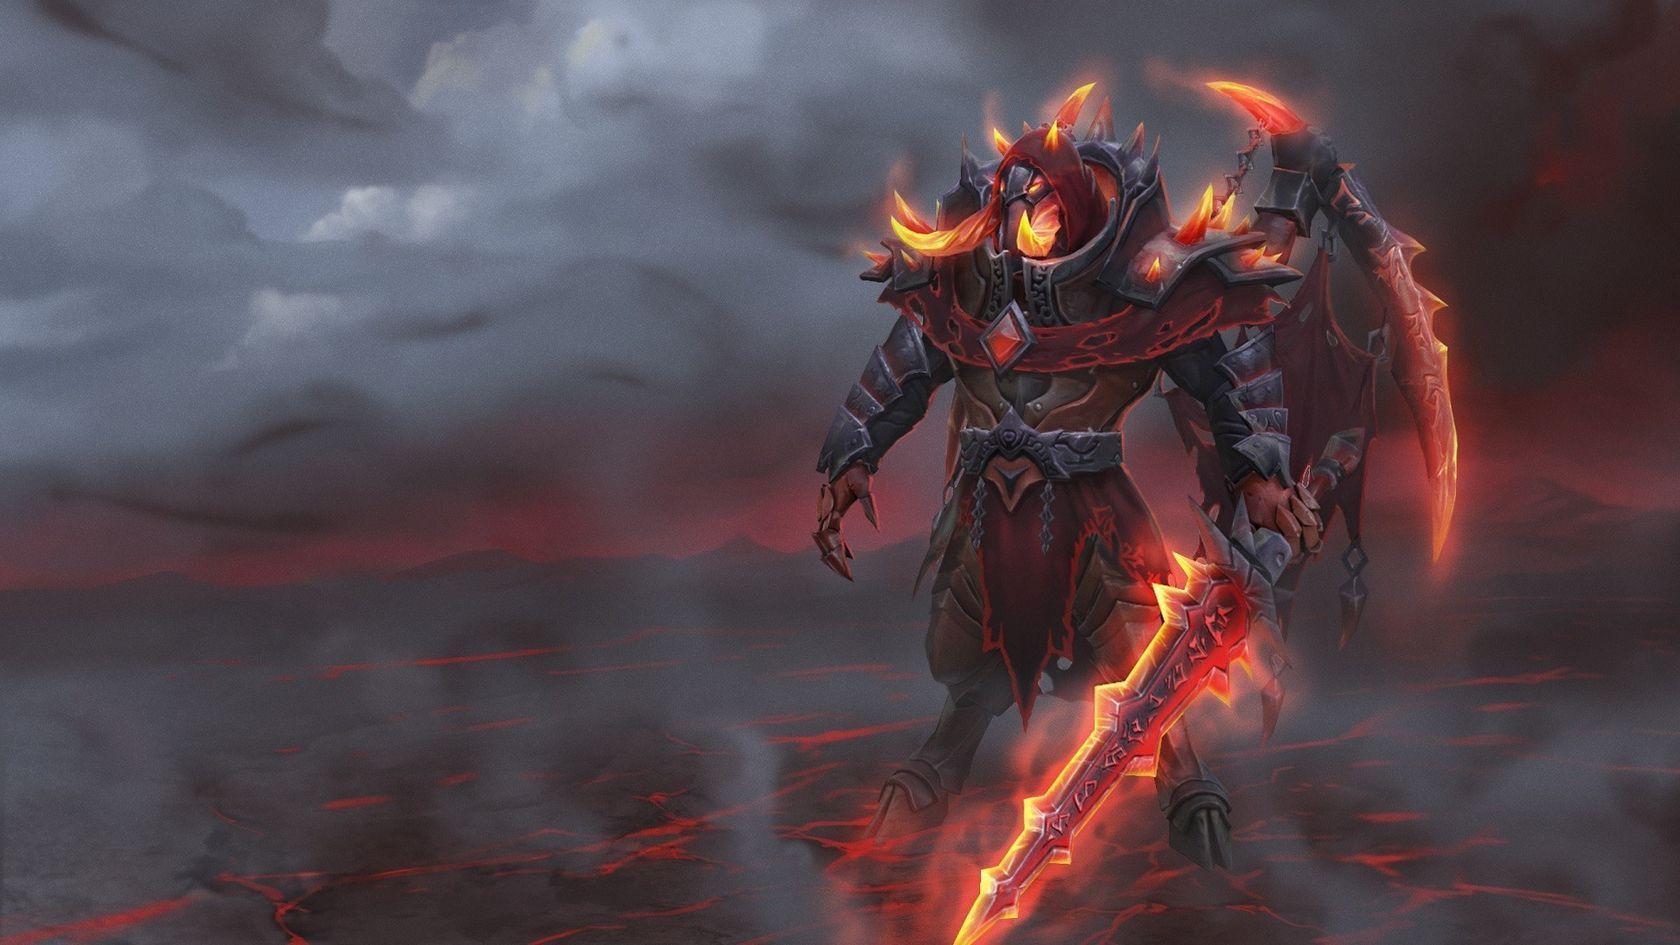 Doom 2 Wallpapers - Wallpaper Cave